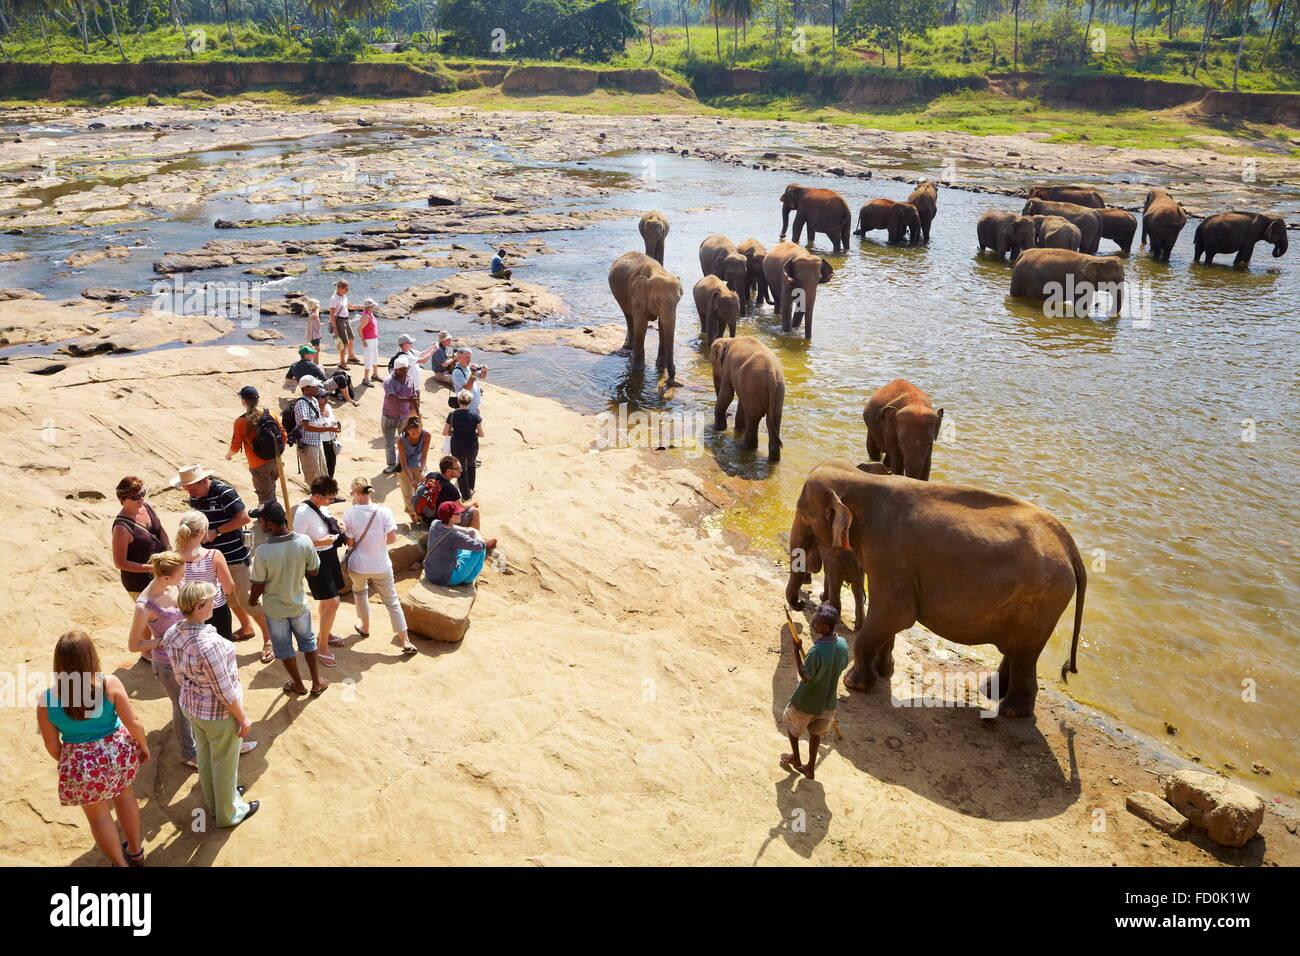 Sri Lanka - tourists looking at elephant bath, Pinnawela Elephant Orphanage for wild Asian elephants - Stock Image